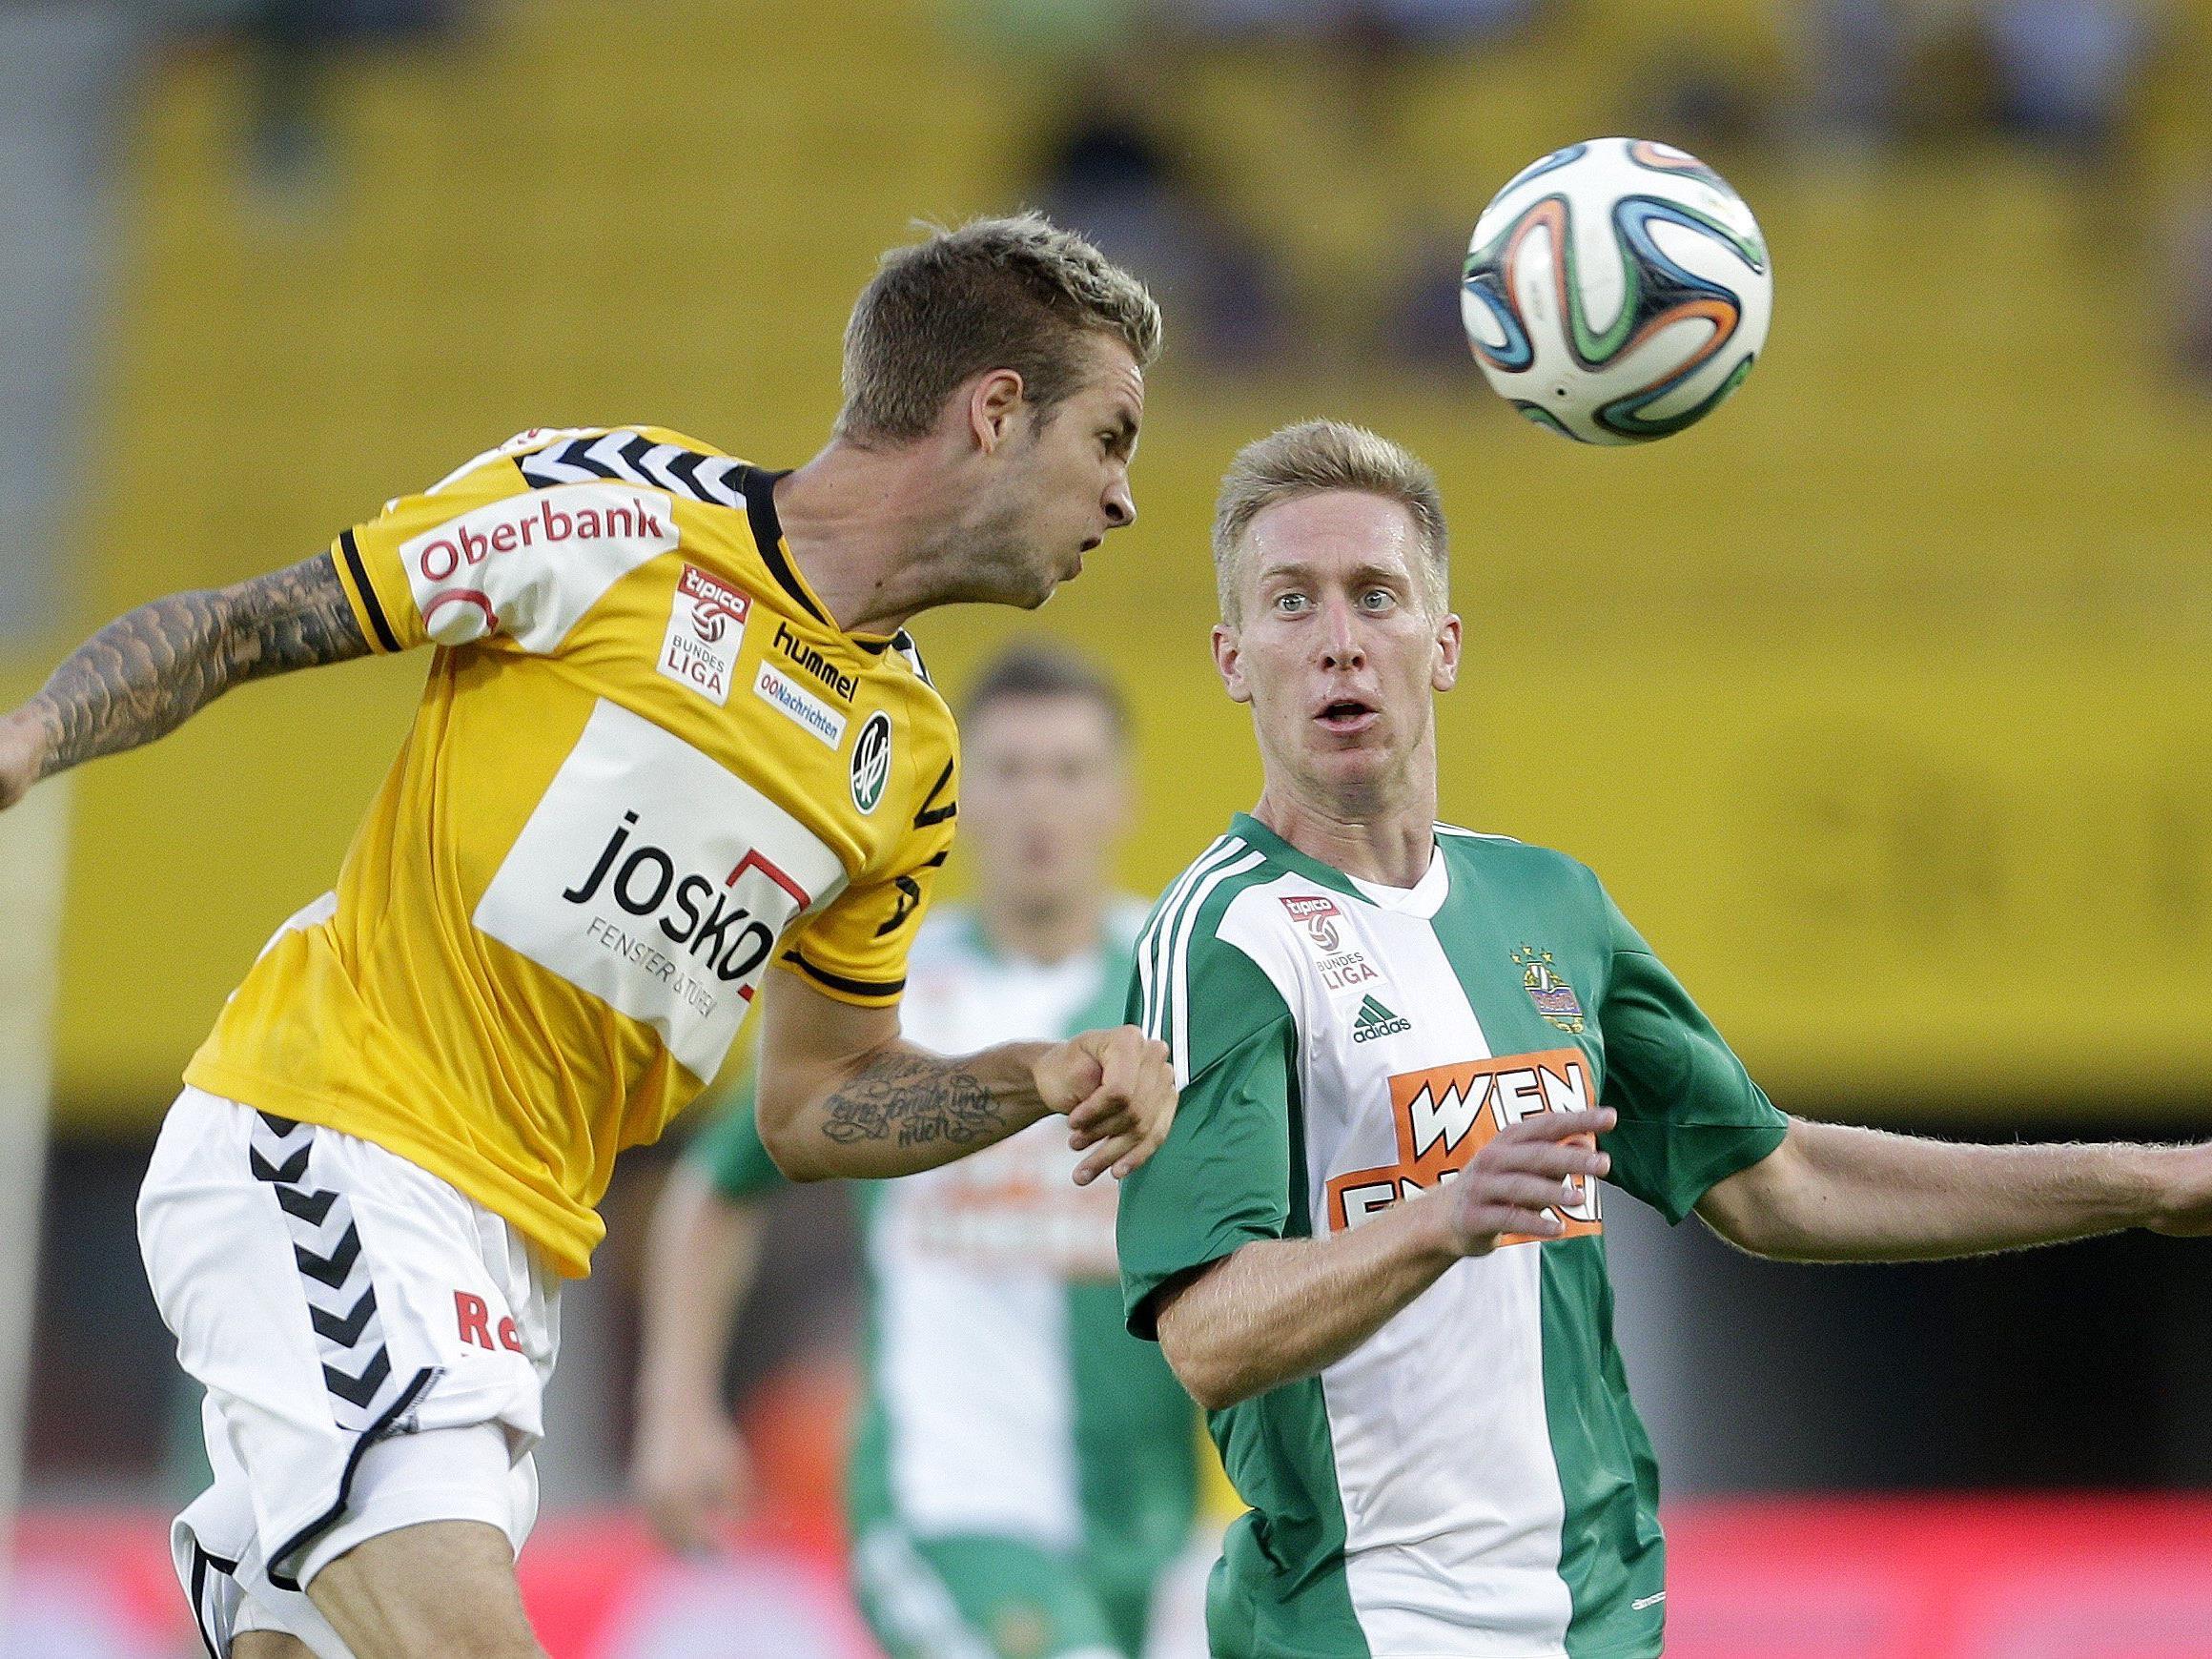 LIVE-Ticker zum Spiel SV Ried gegen SK Rapid Wien ab 16.30 Uhr.